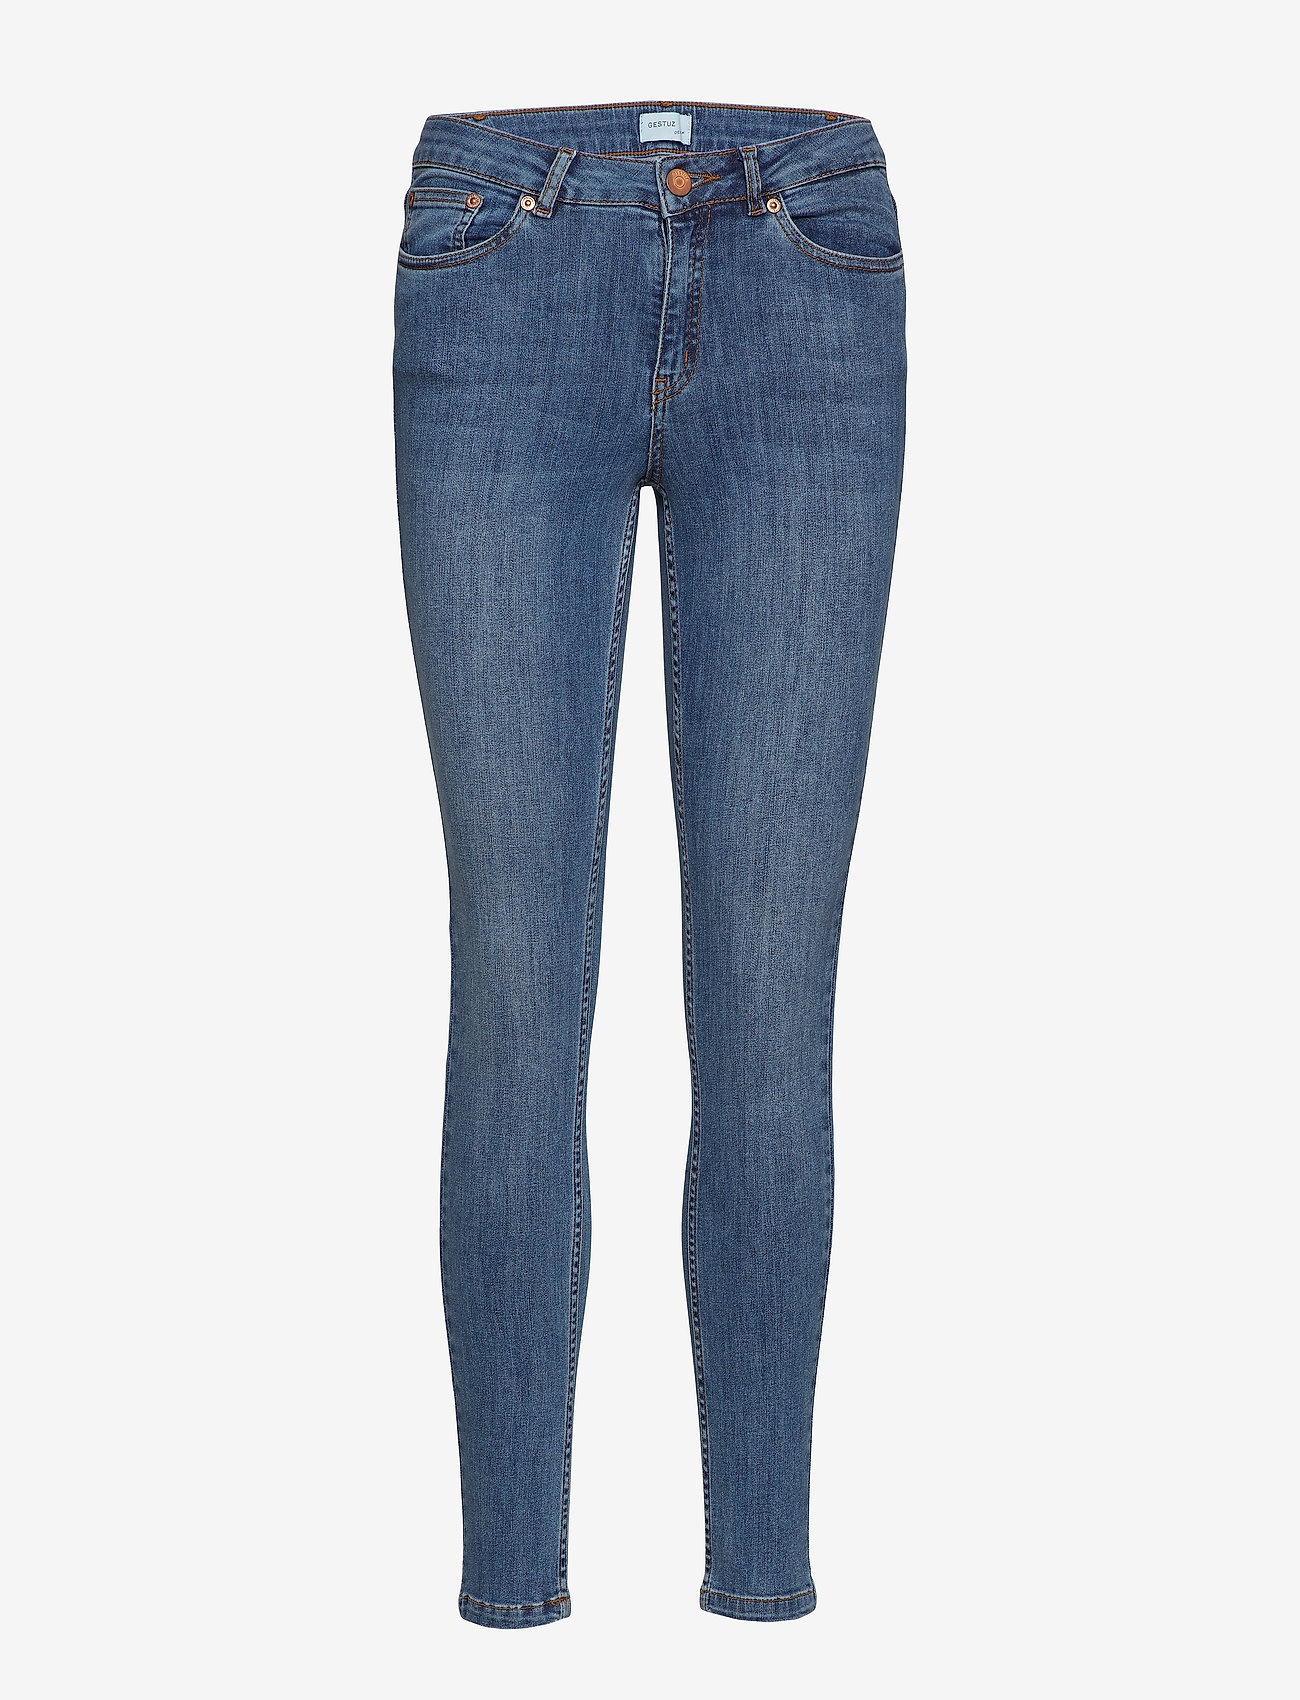 Gestuz - MaggieGZ Jeans NOOS - skinny farkut - l.a. blue - 0